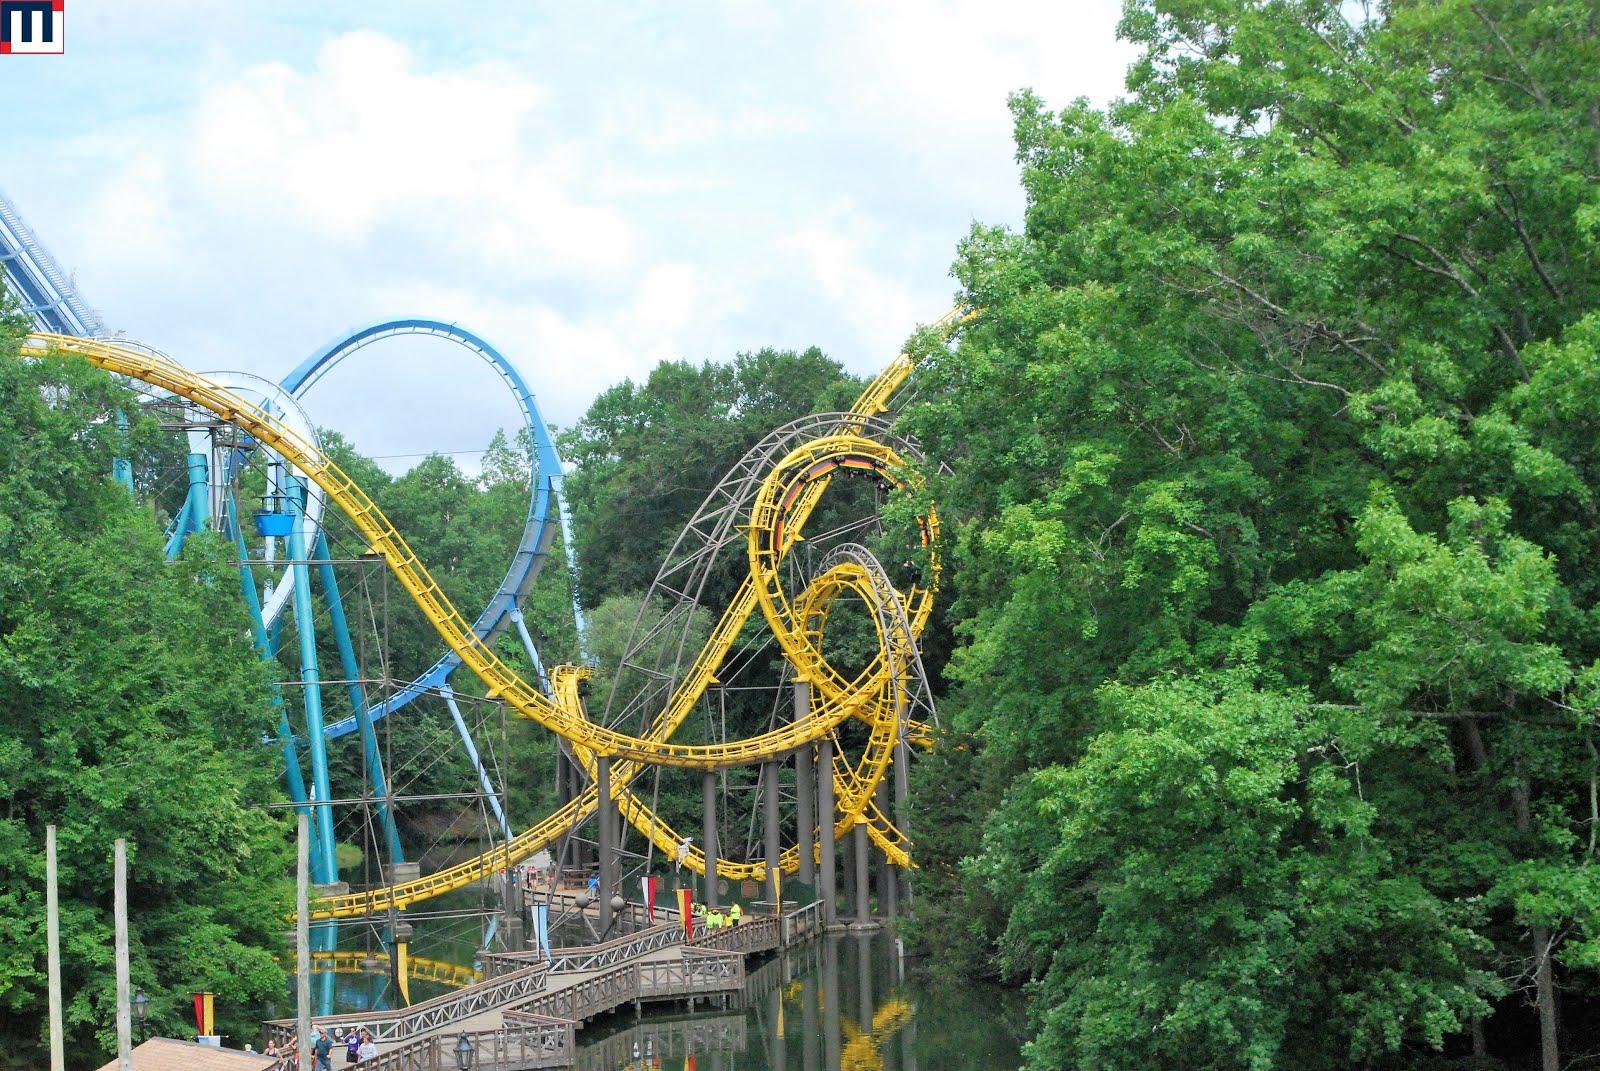 MidwestInfoGuide: Busch Gardens Williamsburg